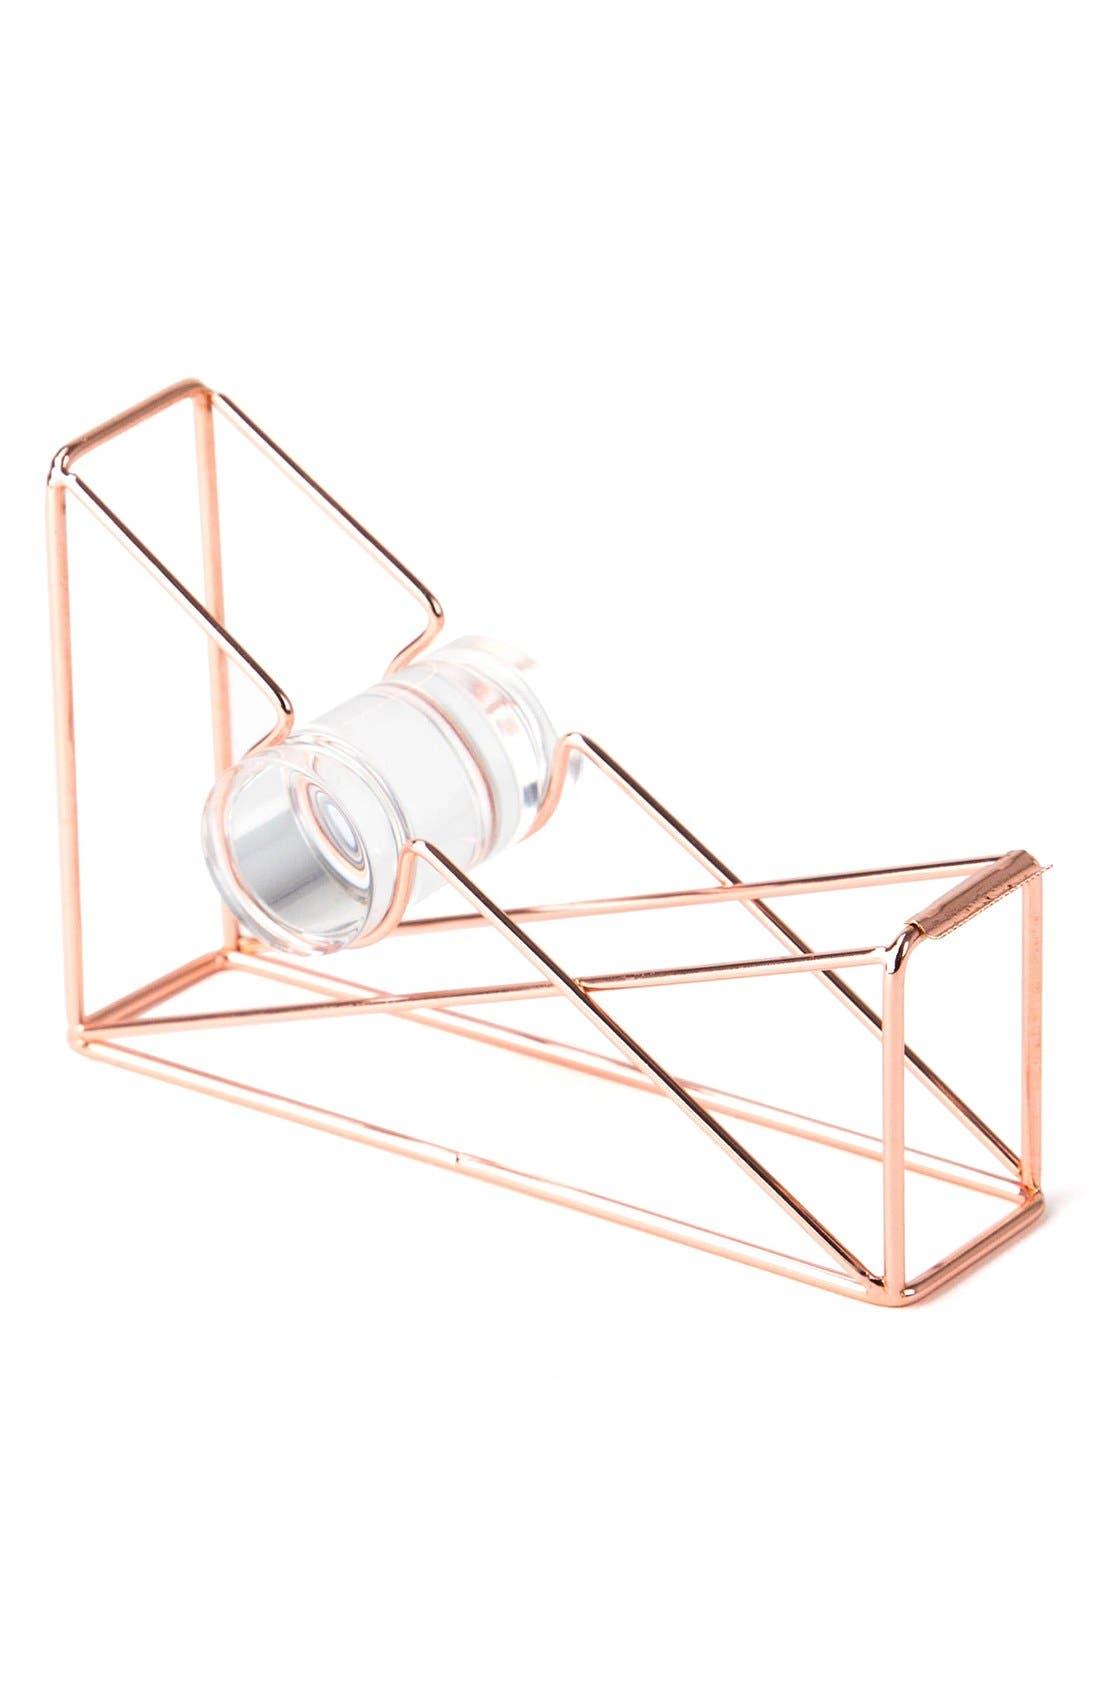 Alternate Image 1 Selected - U Brands Rose Goldtone Tape Dispenser